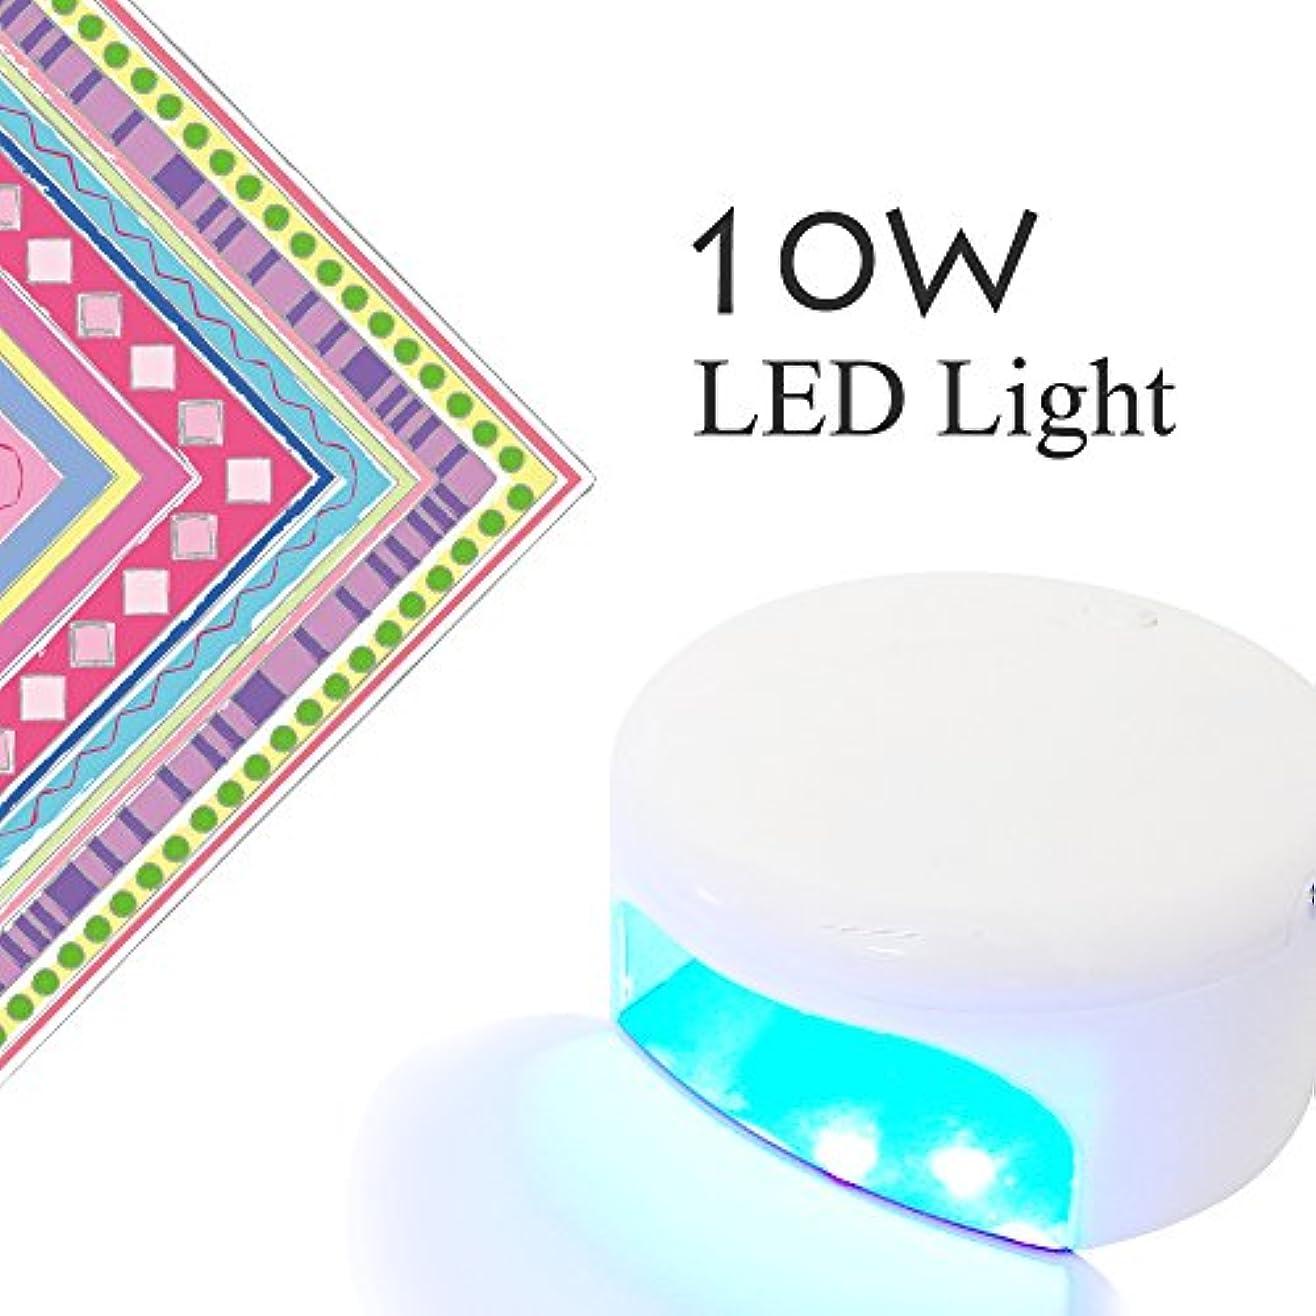 紛争伴う受粉者ネイル用LEDライト 10W チップLED搭載 【LED10wライト】コンパクトハイパワー保証書。取扱説明書付き ジェルネイル (10W)